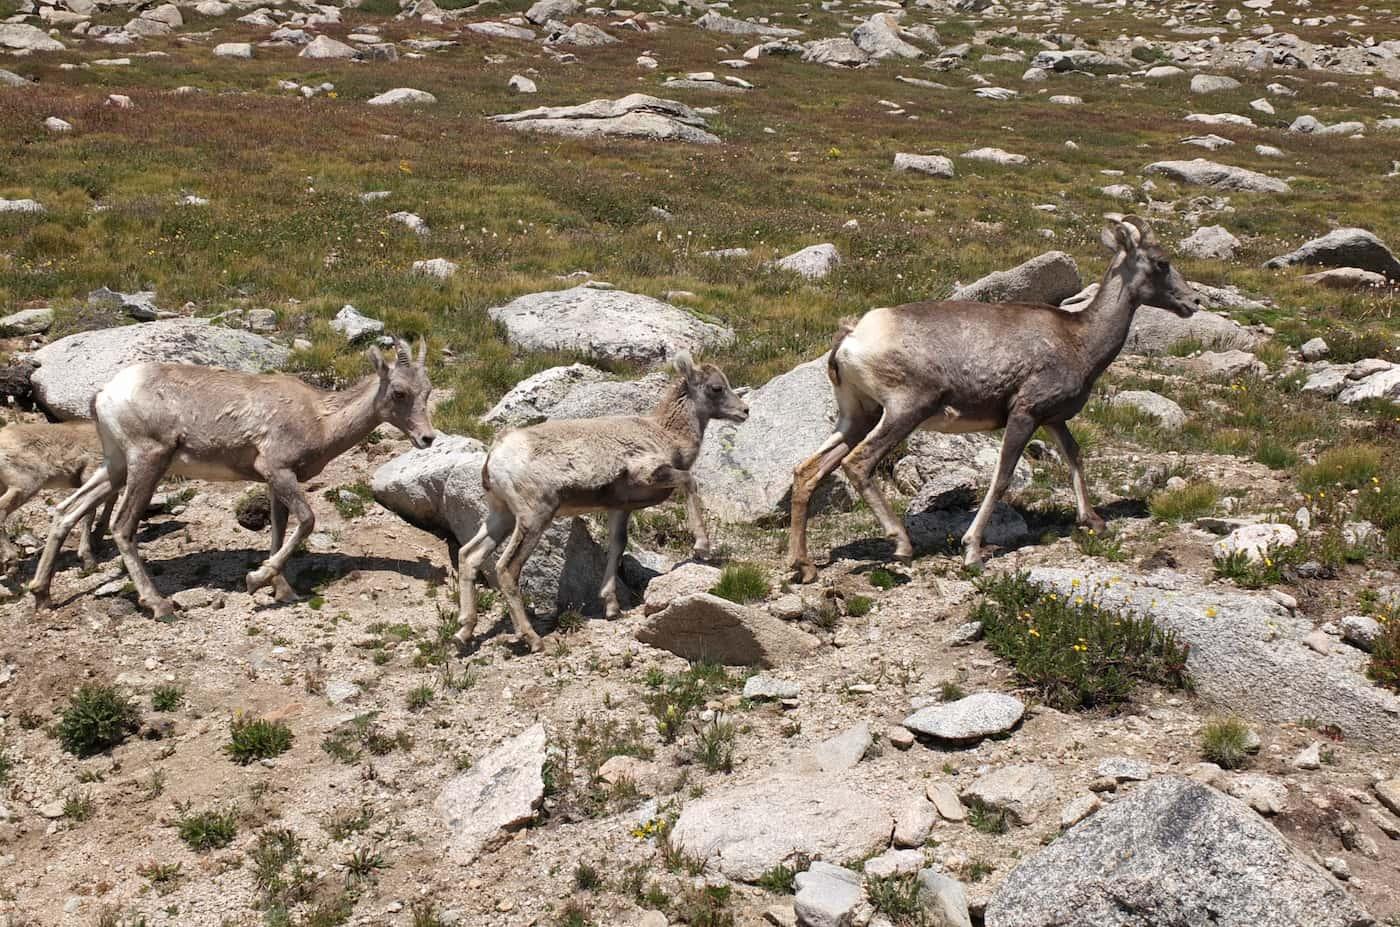 Femelles de mufló amb les seves cries, al Mount Evans, al estat de Colorado.